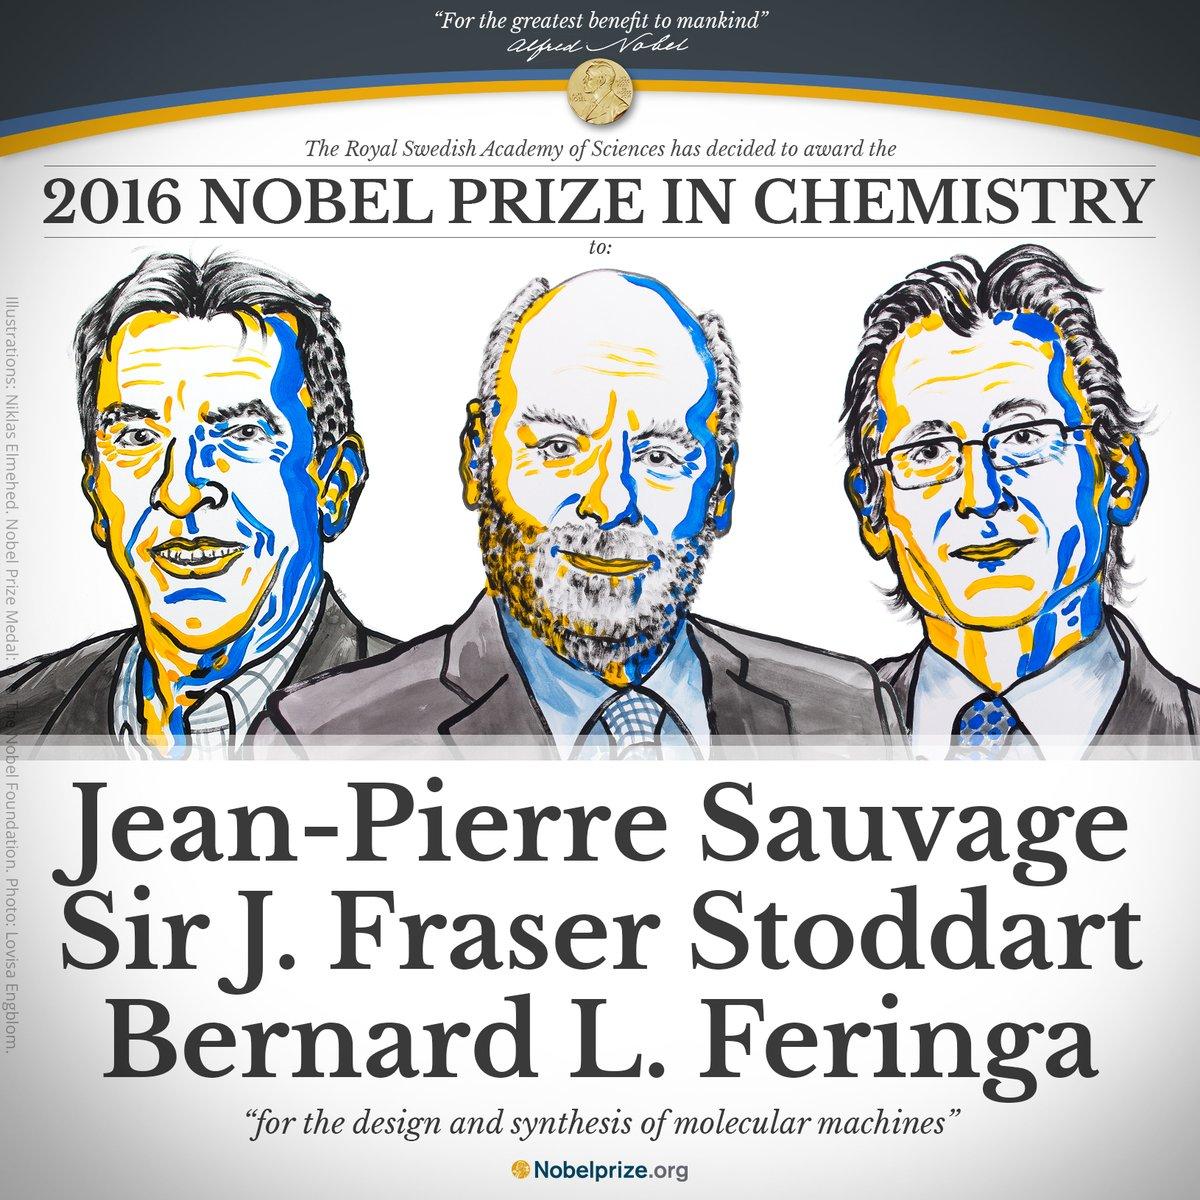 Pioneros de nanotecnología molecular, ganadores del Nobel de Química